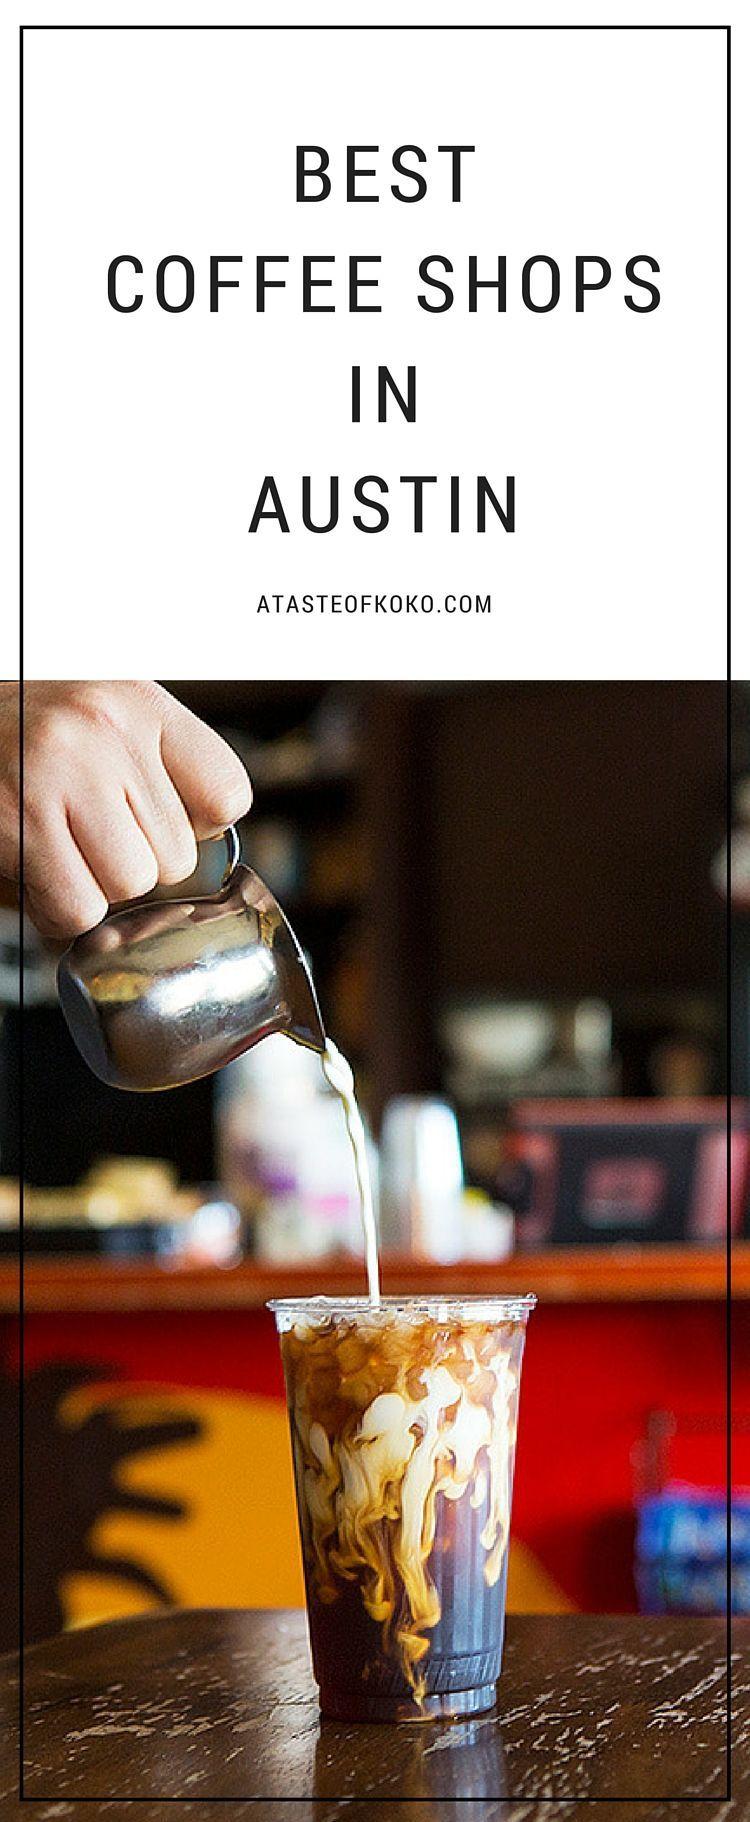 Best Coffee Shops In Austin A Taste of Koko Austin